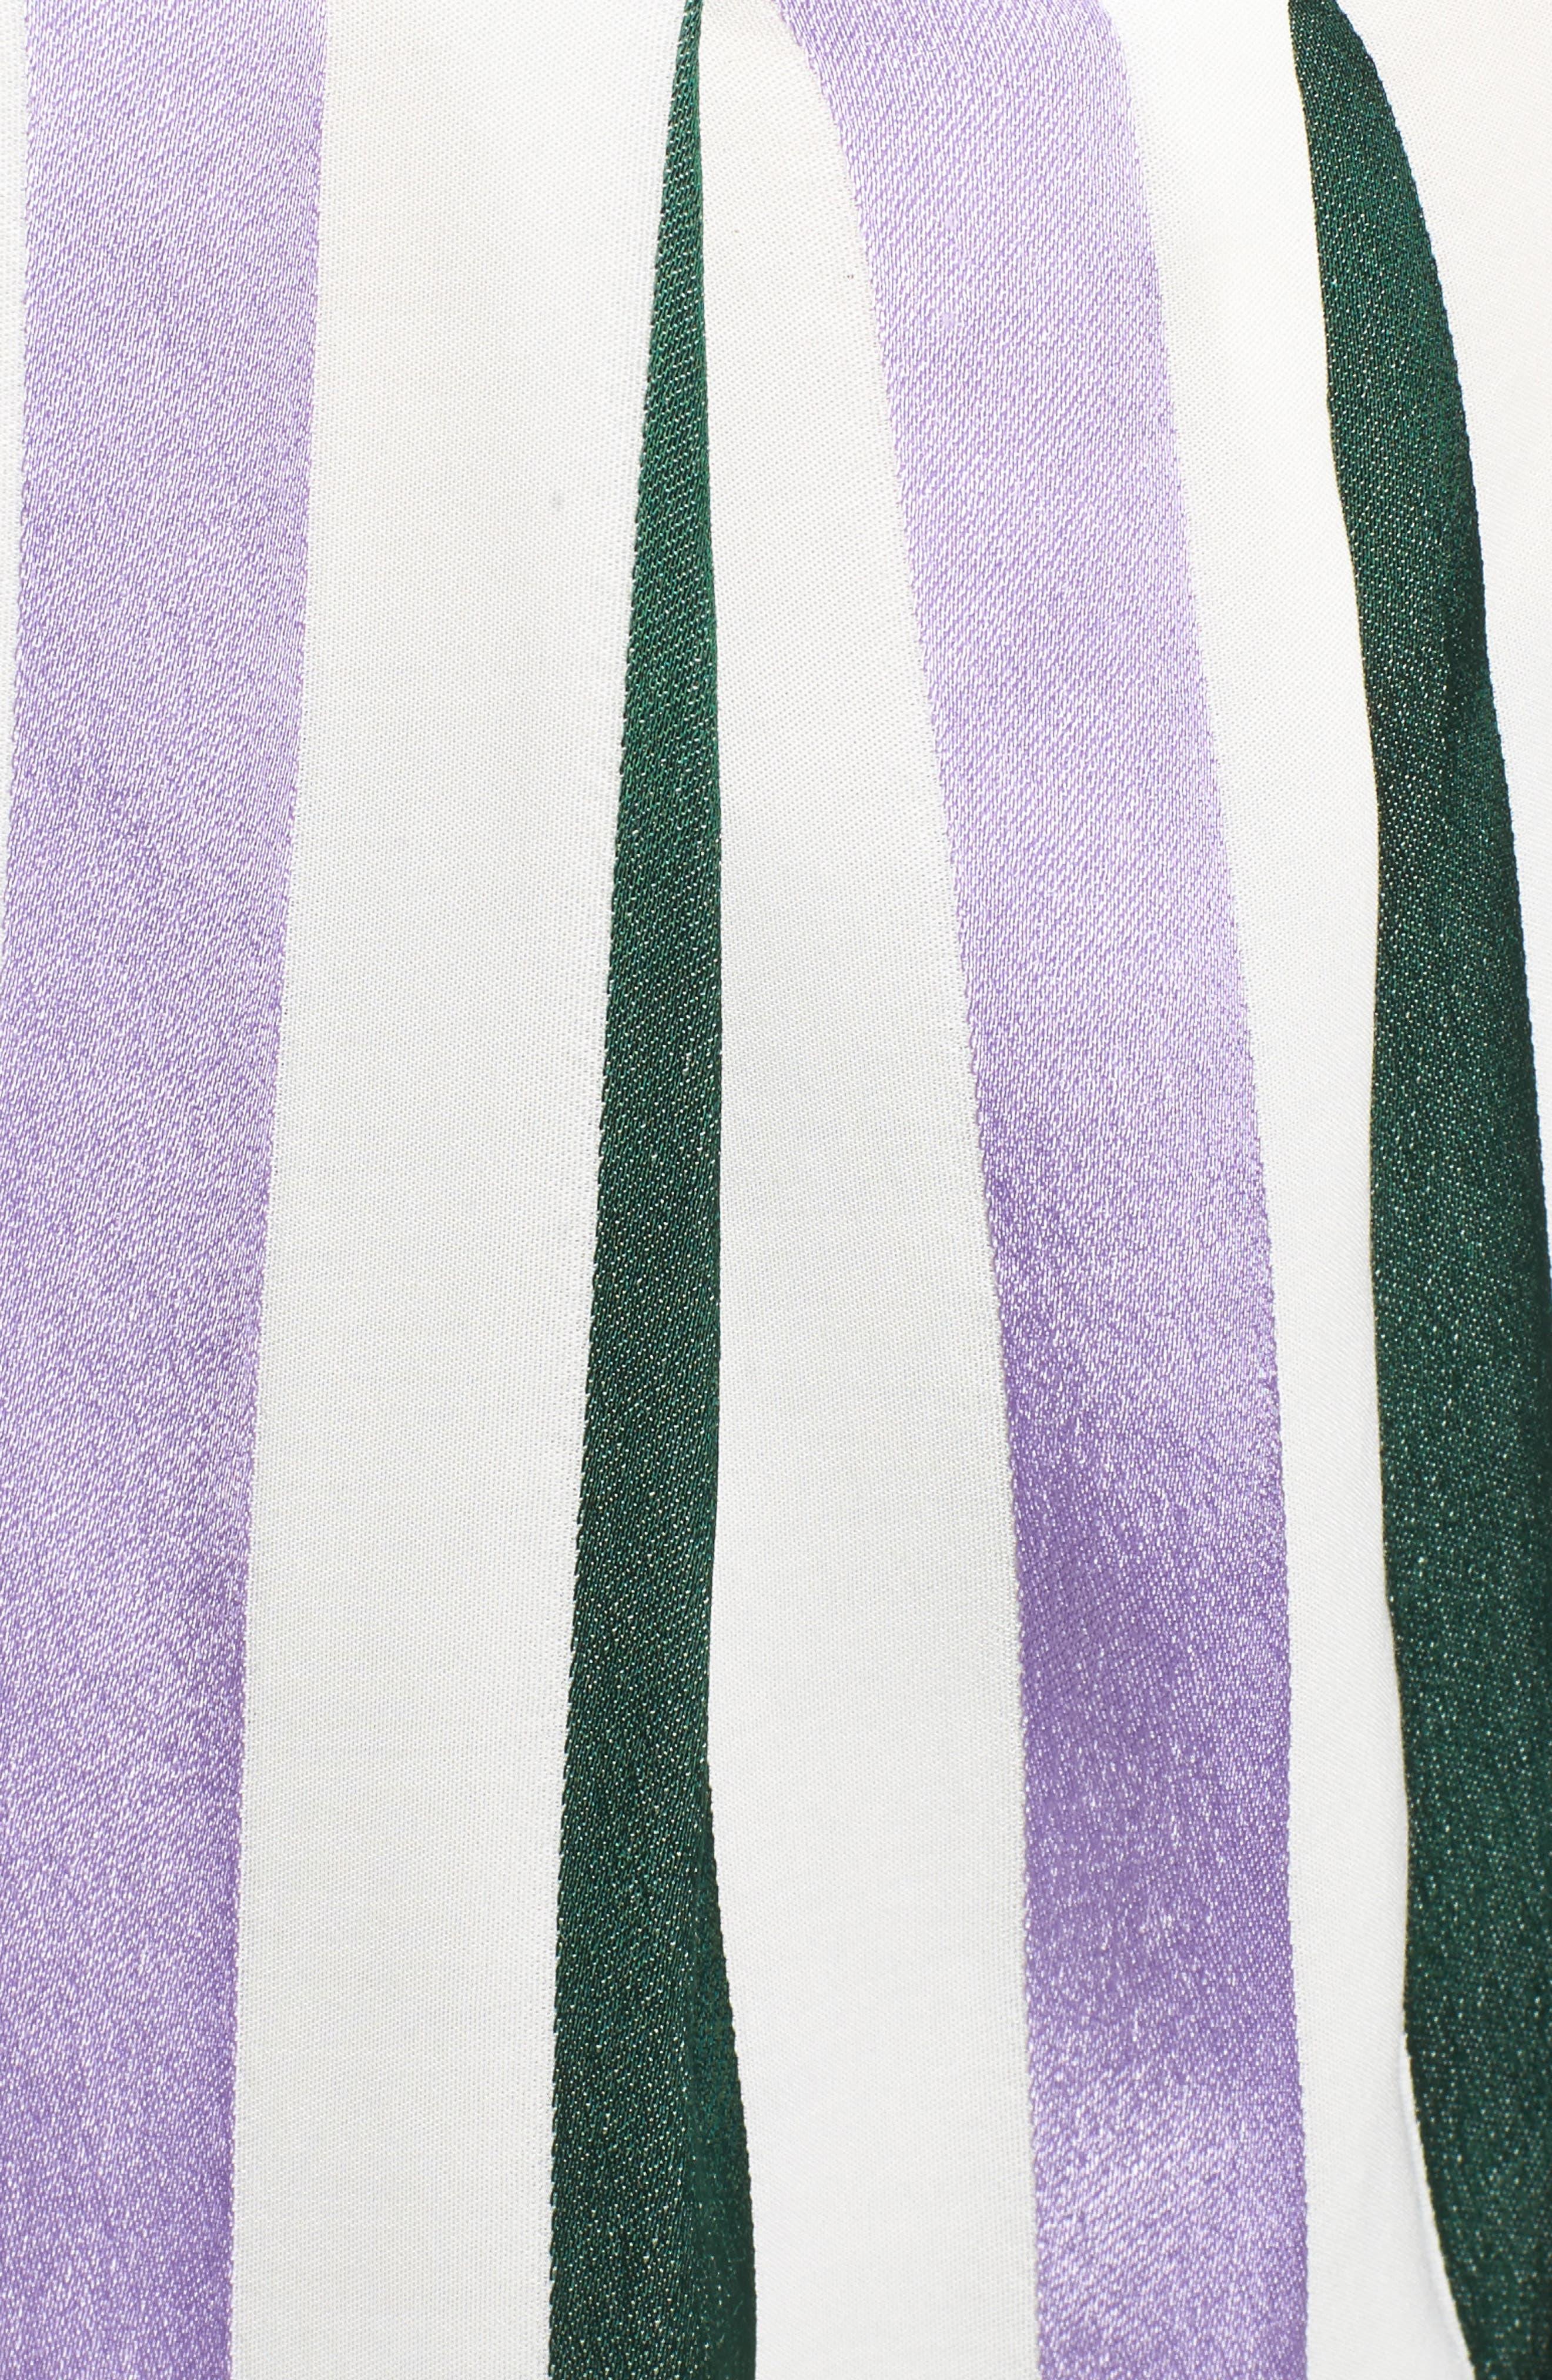 Stripe Draped Peplum Top,                             Alternate thumbnail 5, color,                             310